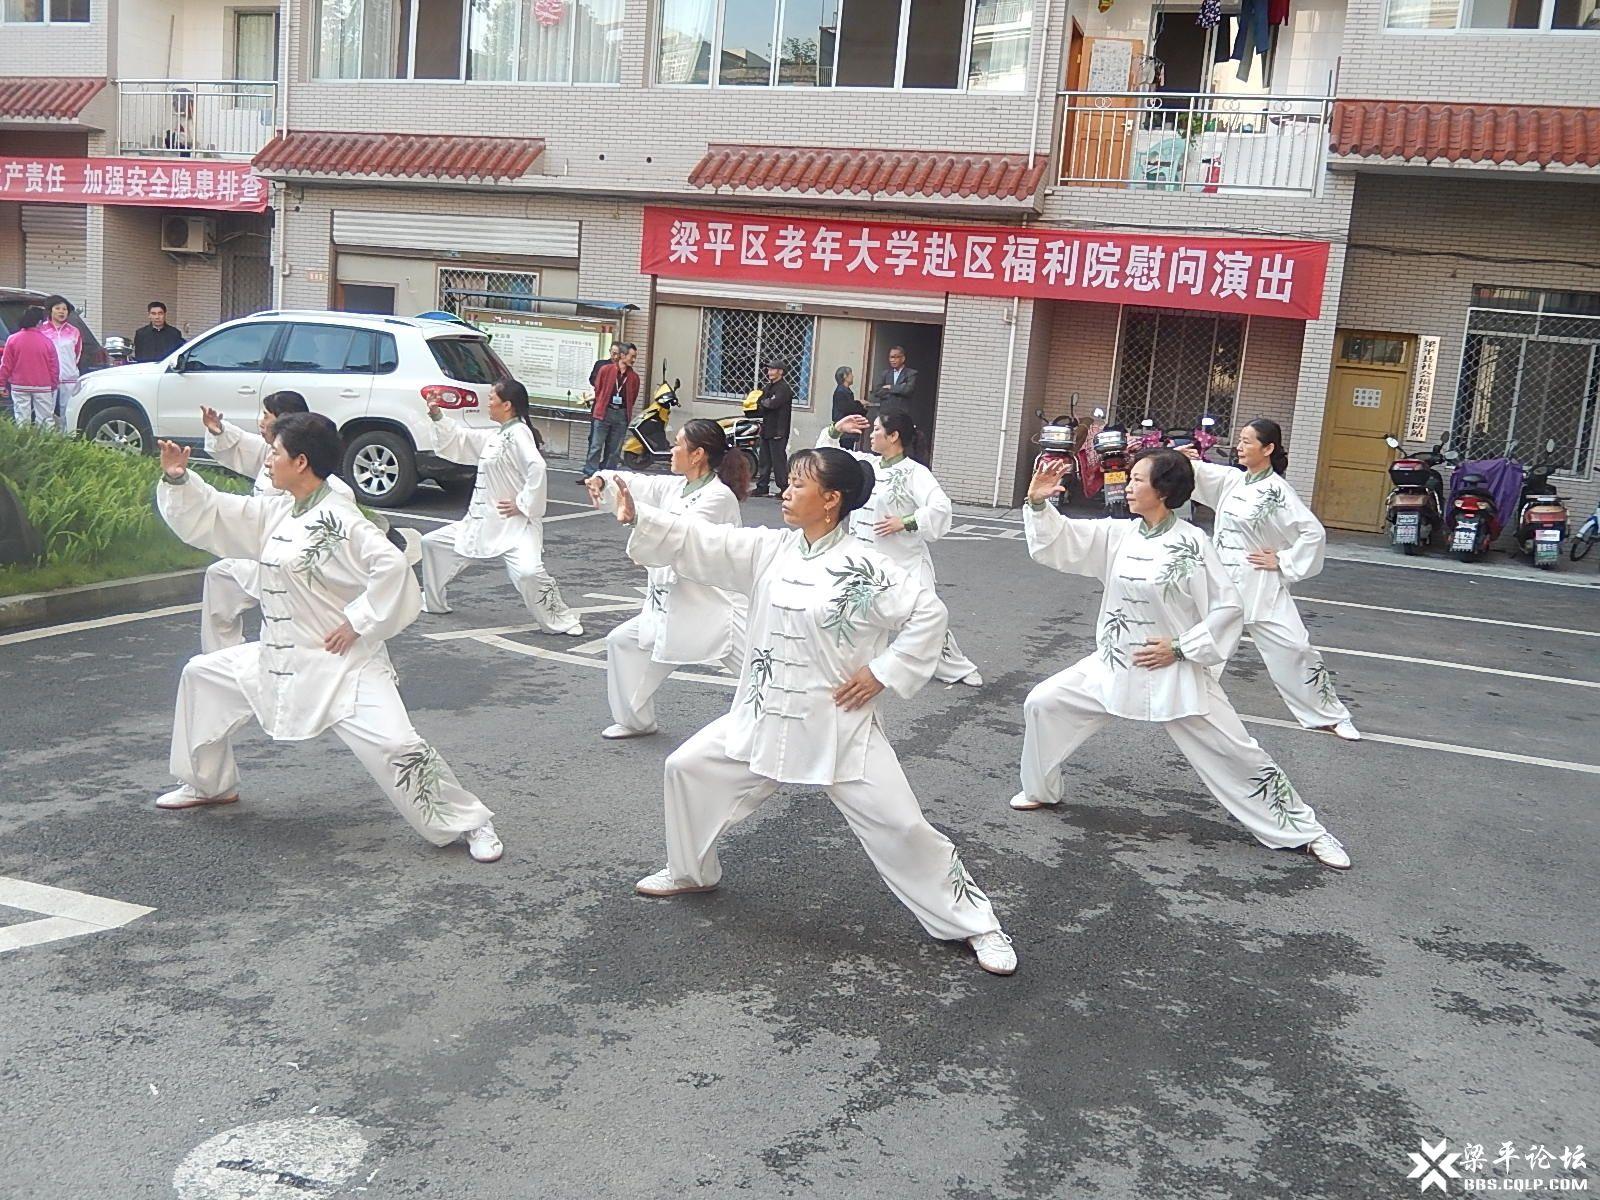 梁平老年大学慰问演出节目11.JPG